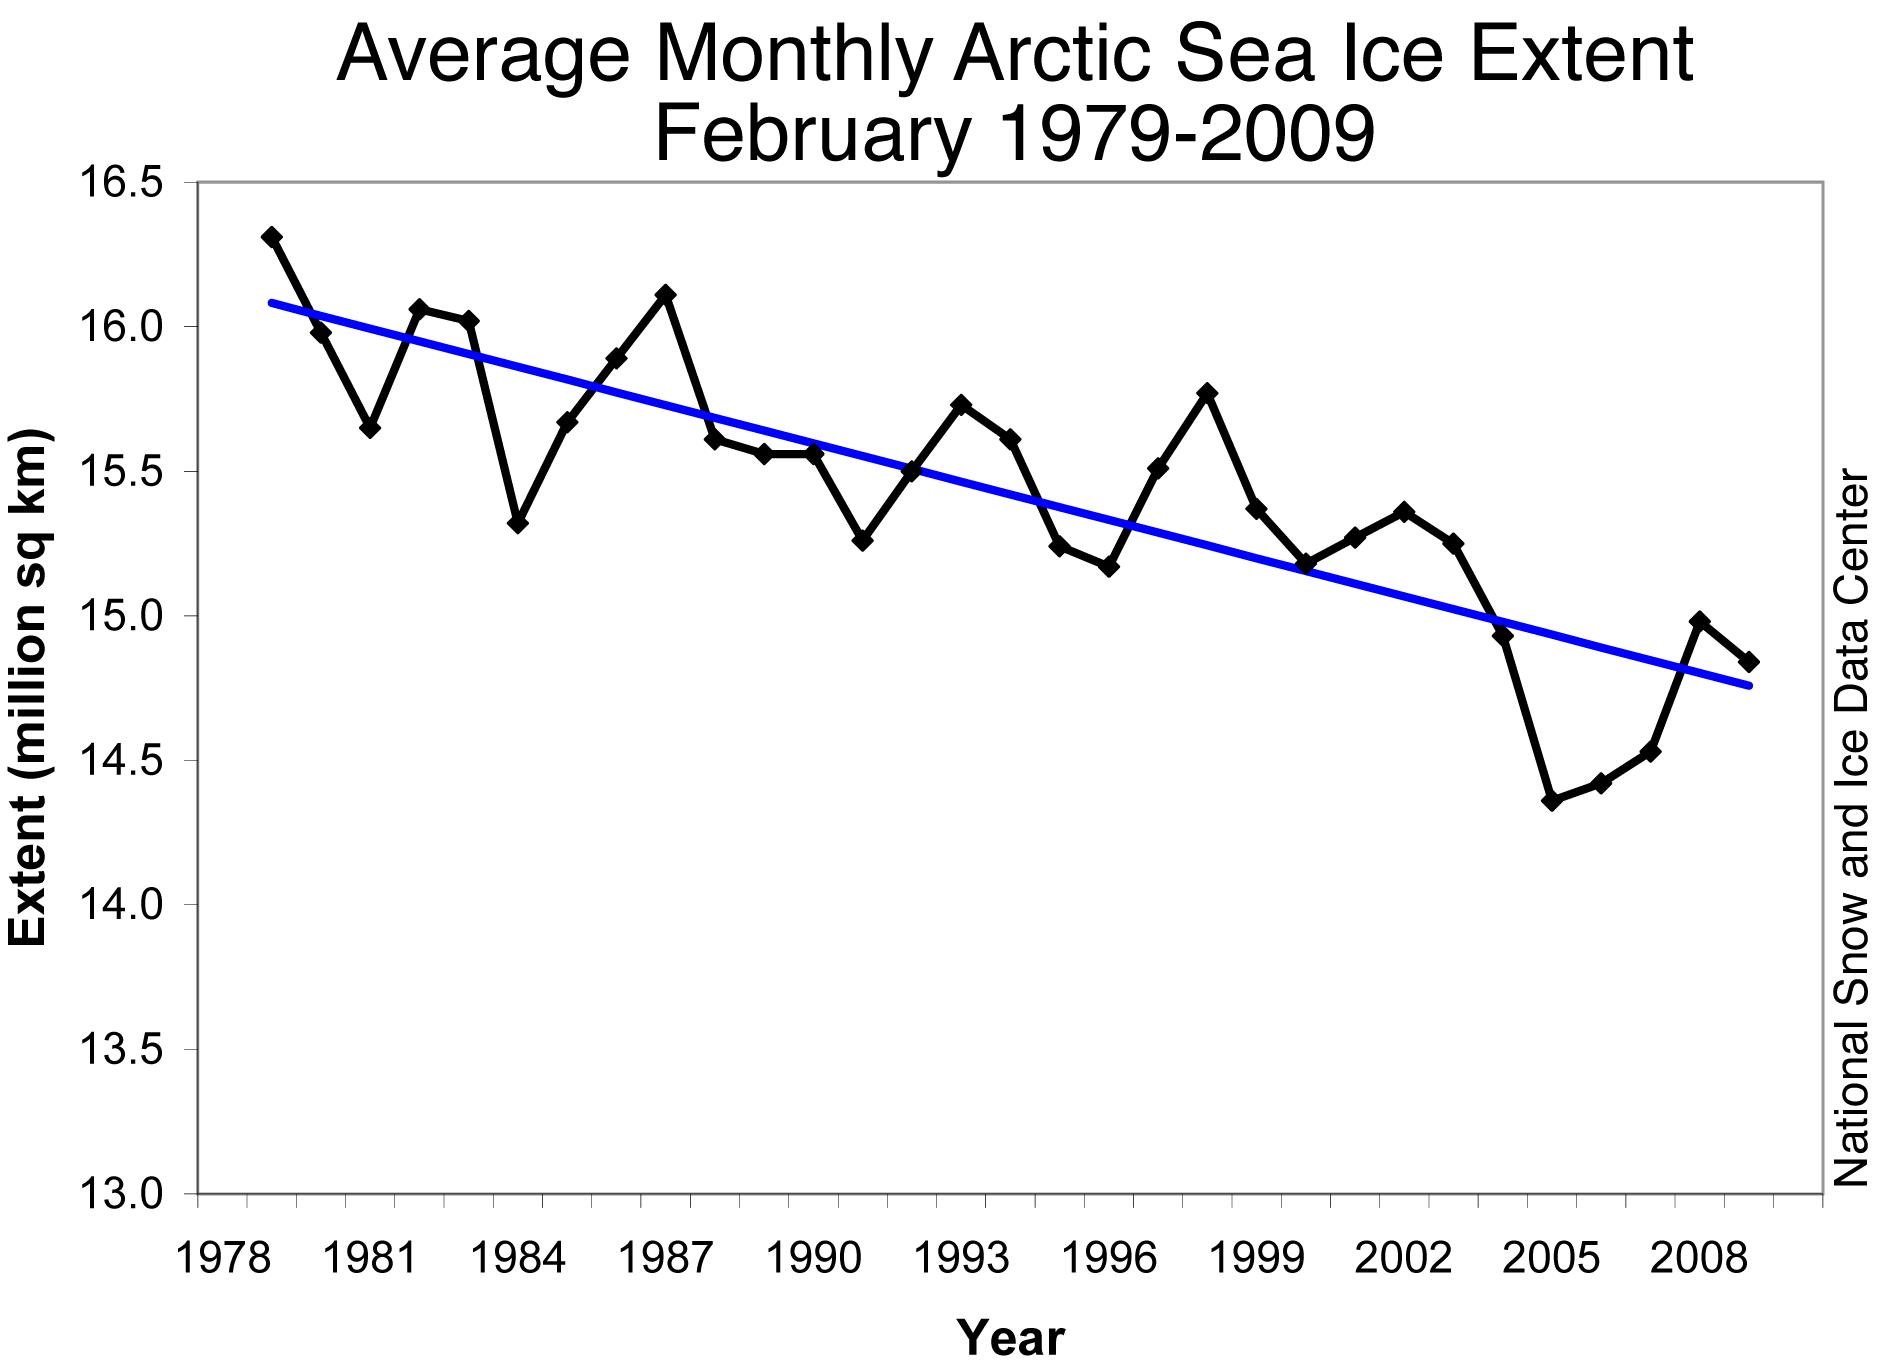 Arktis vinterisutbredning 1979-2009 enligt NSIDC